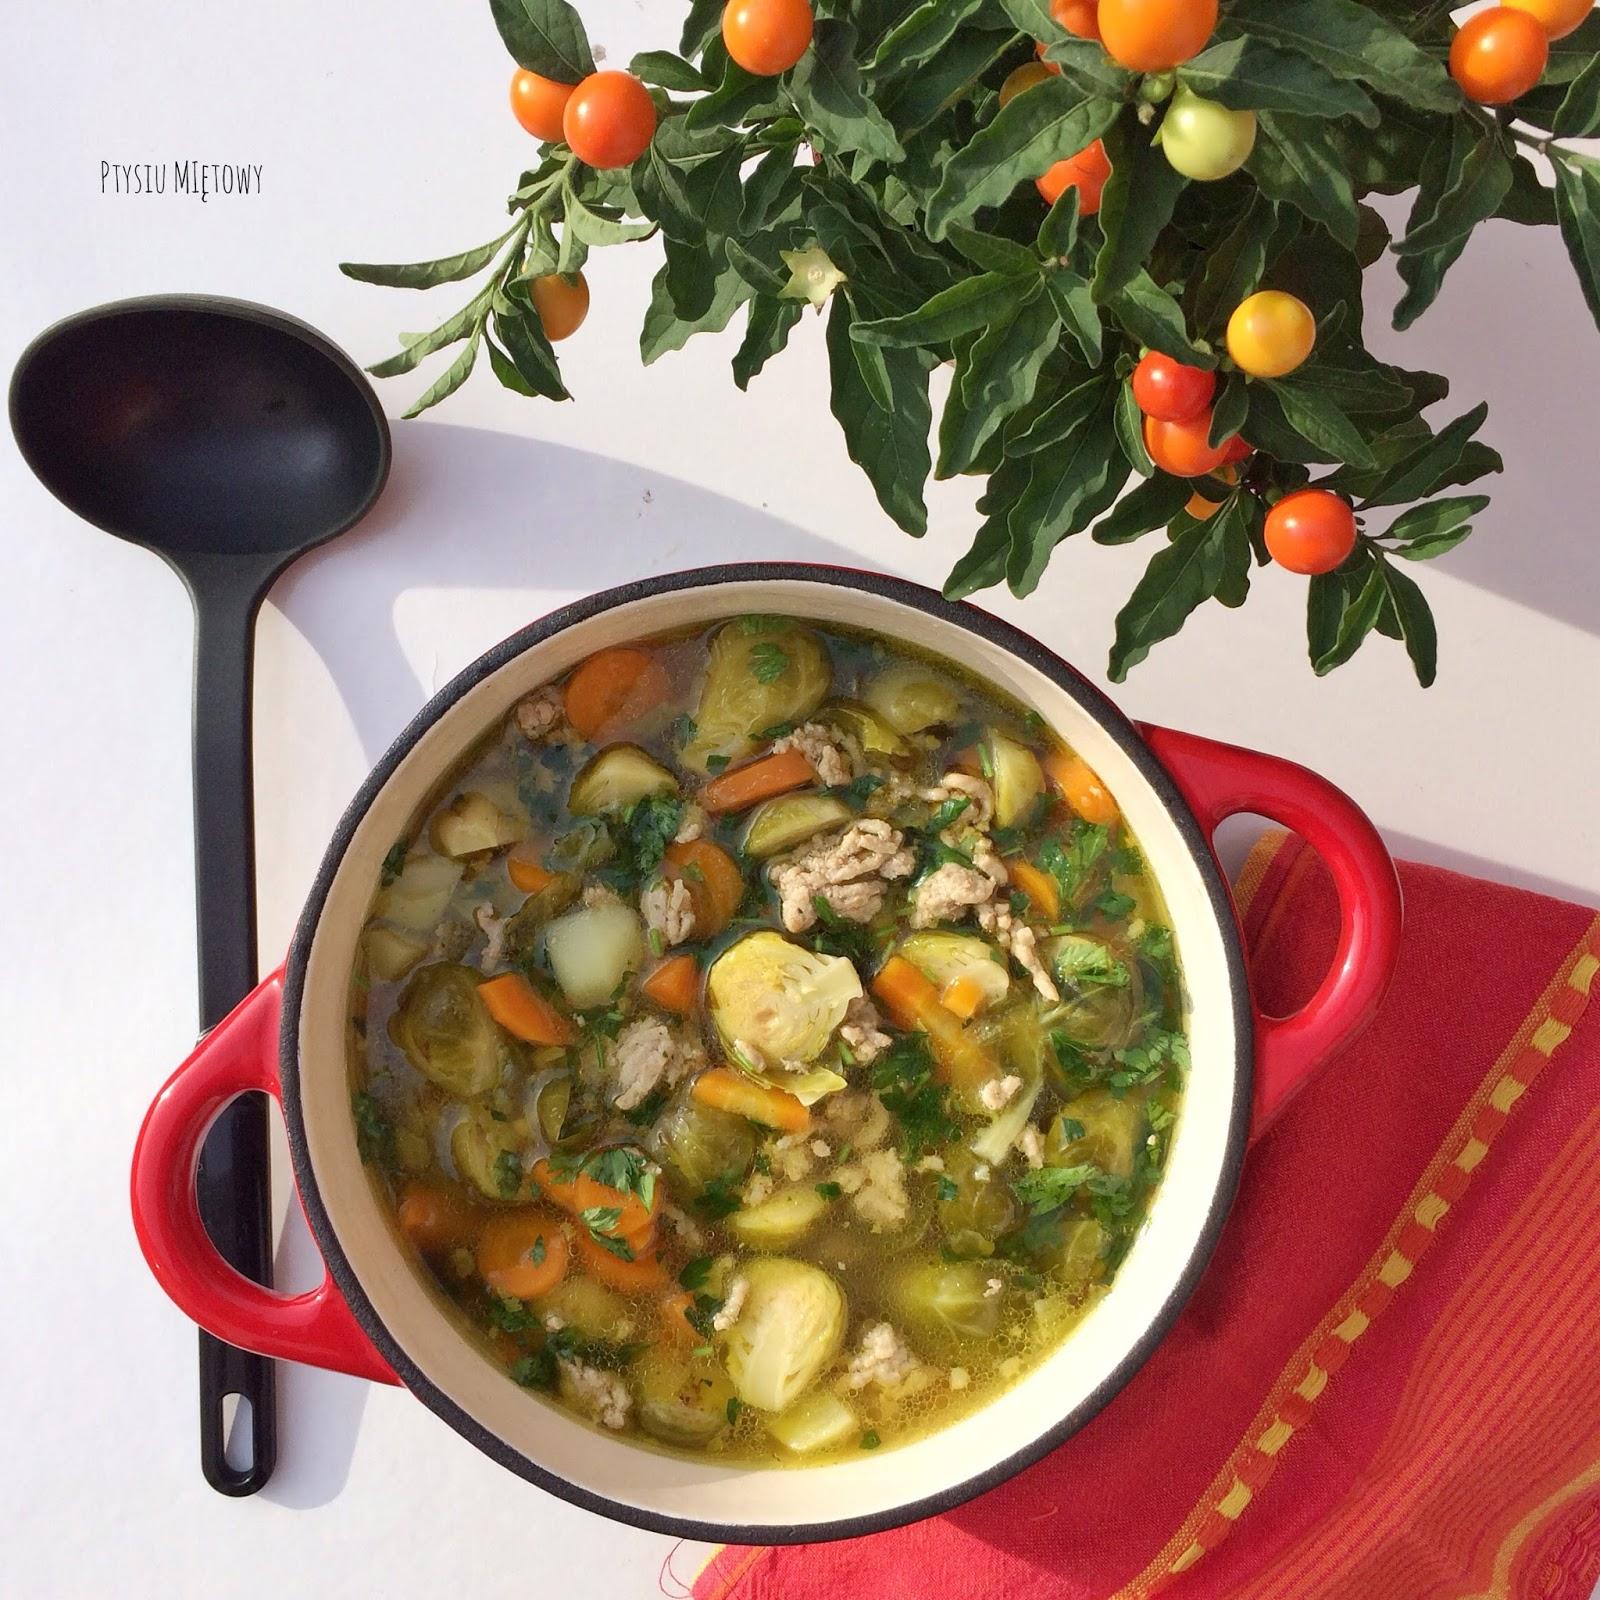 zupa z brukselka, ptysiu mietowy